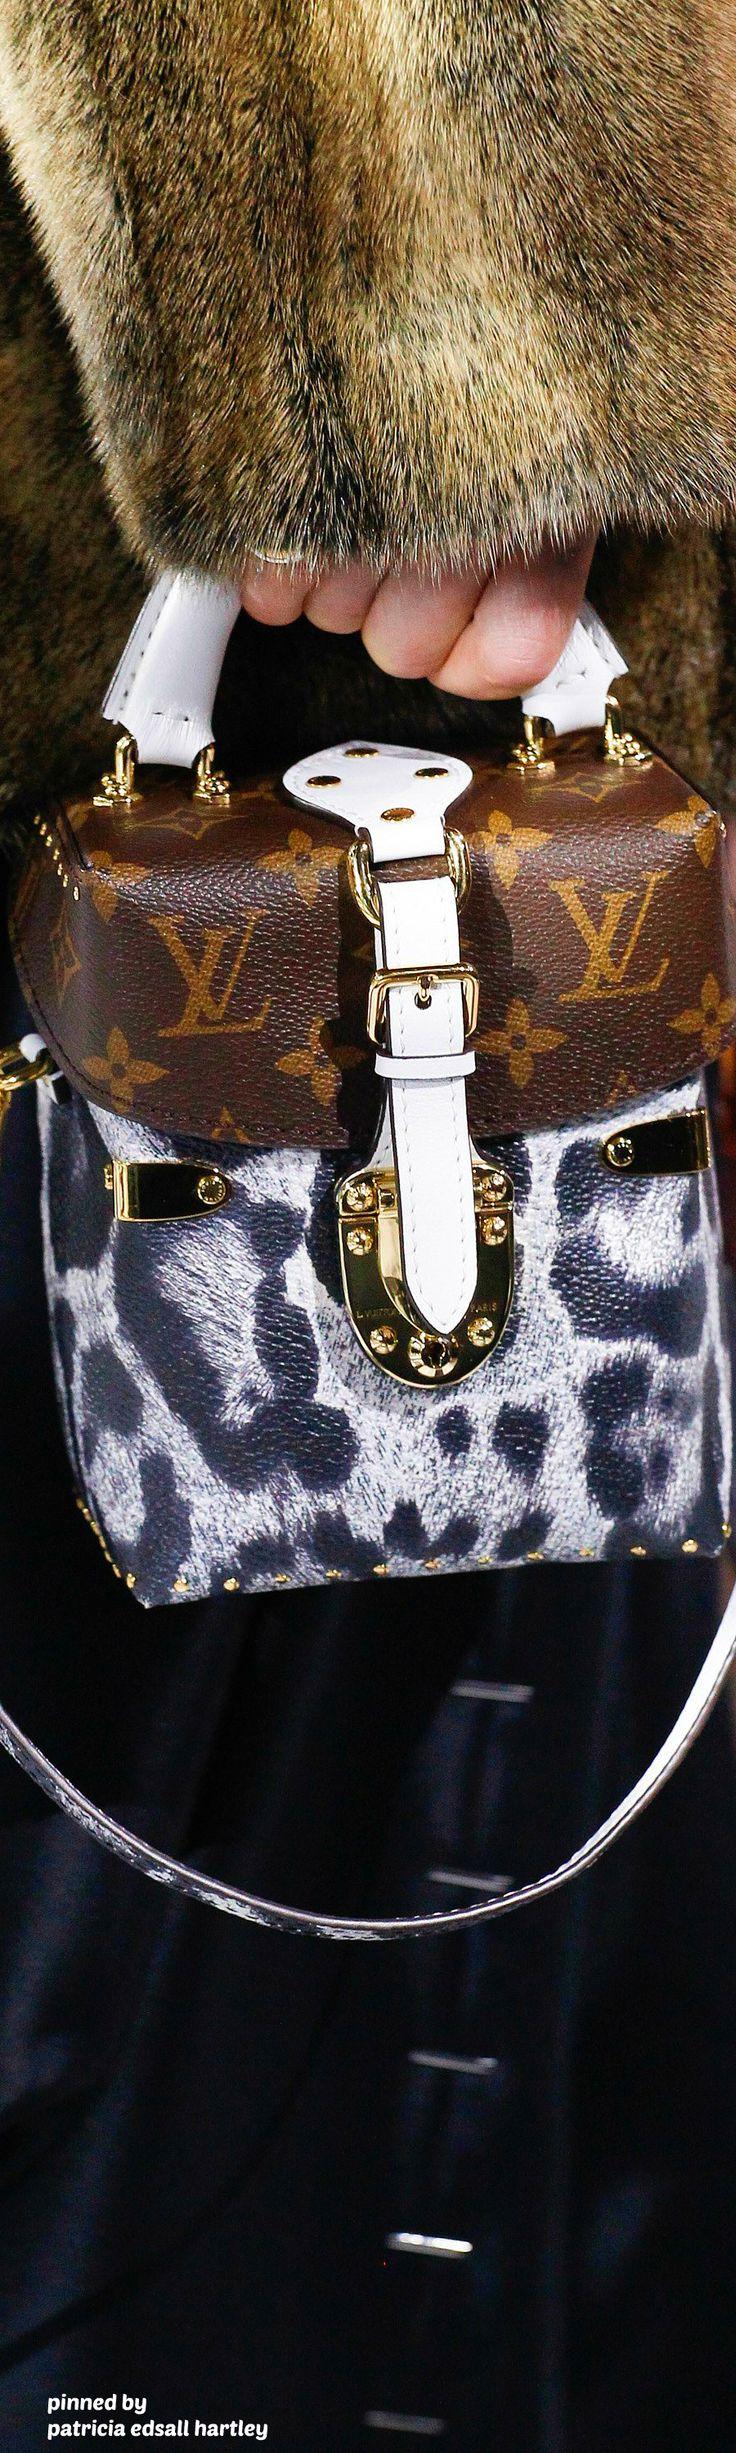 Louis Vuitton - 2016